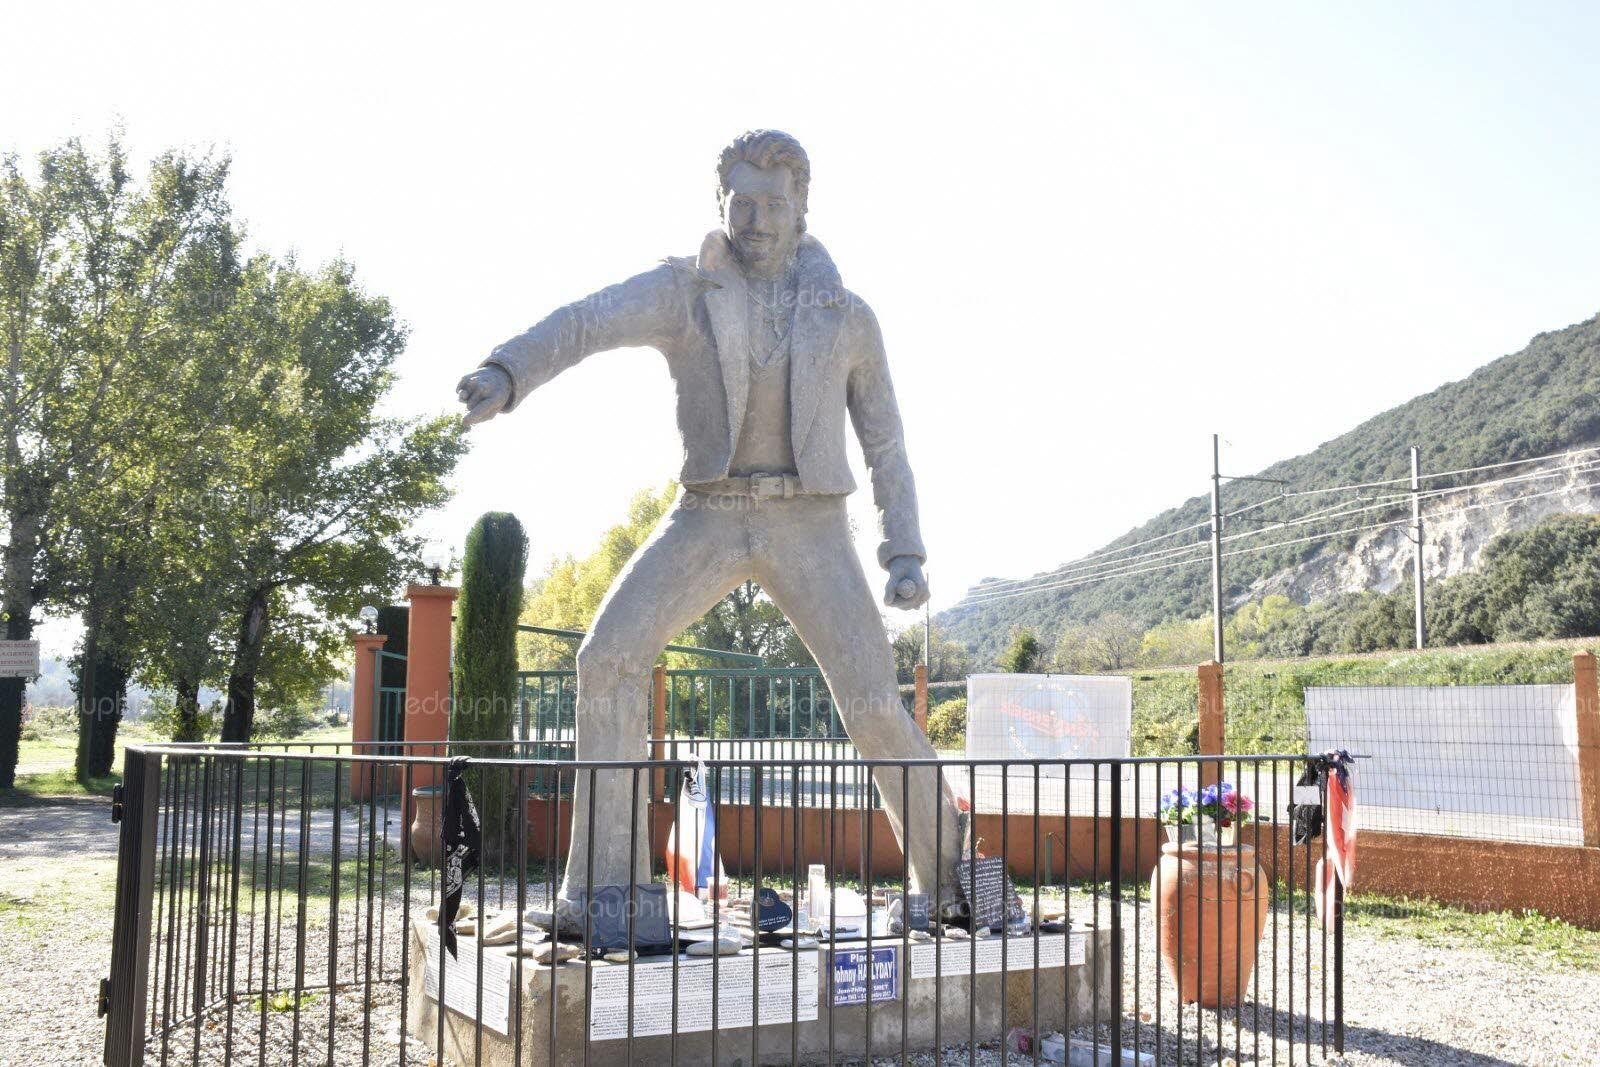 (Bientôt visible dans GE) Les statues de Johnny Halliday. Johnny13